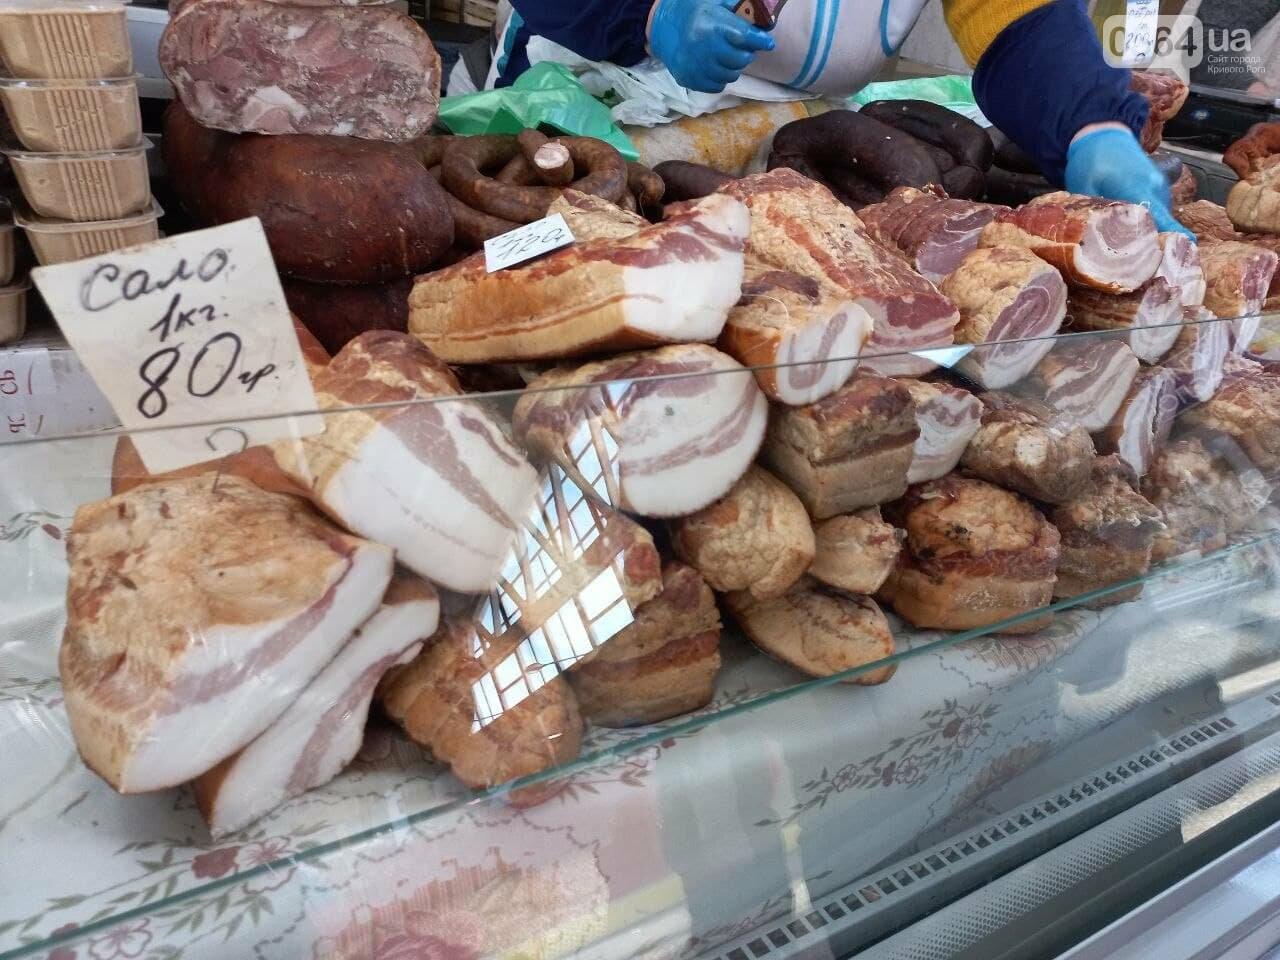 Пасхальная корзина 2021: сколько стоит традиционный праздничный набор продуктов в Кривом Роге, - ФОТО, фото-24